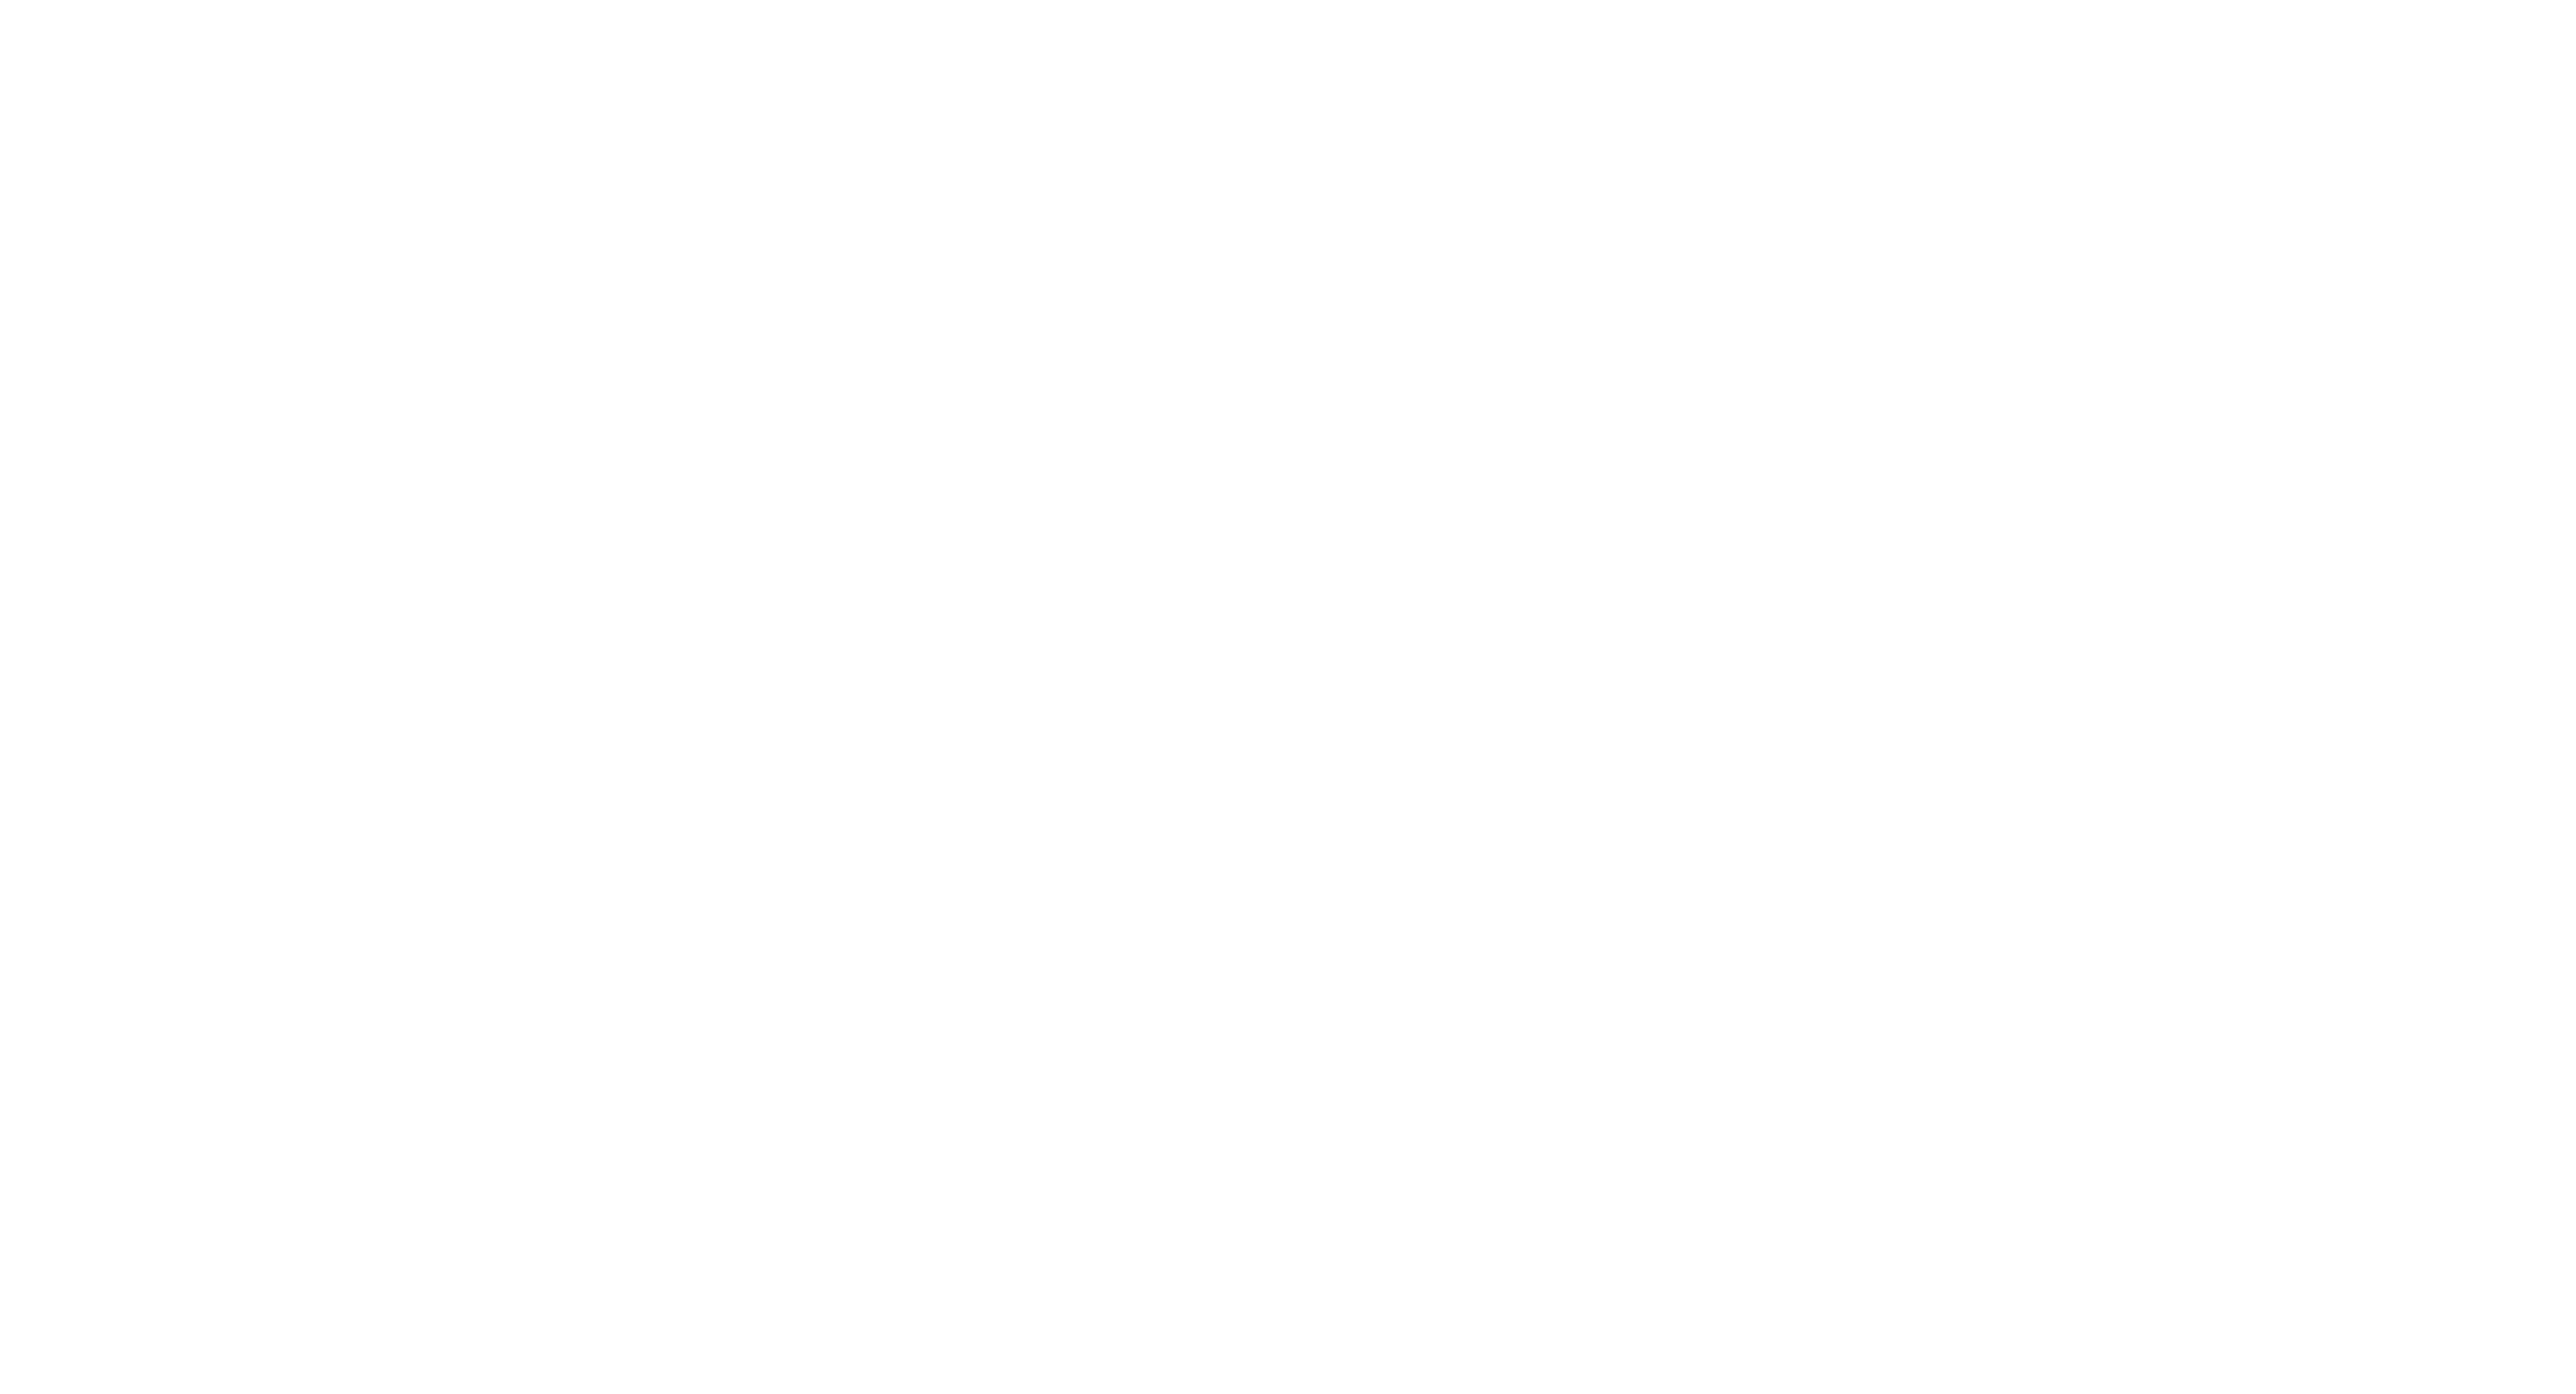 Empresa de reciclaje autorizada por el Gobierno de Canarias